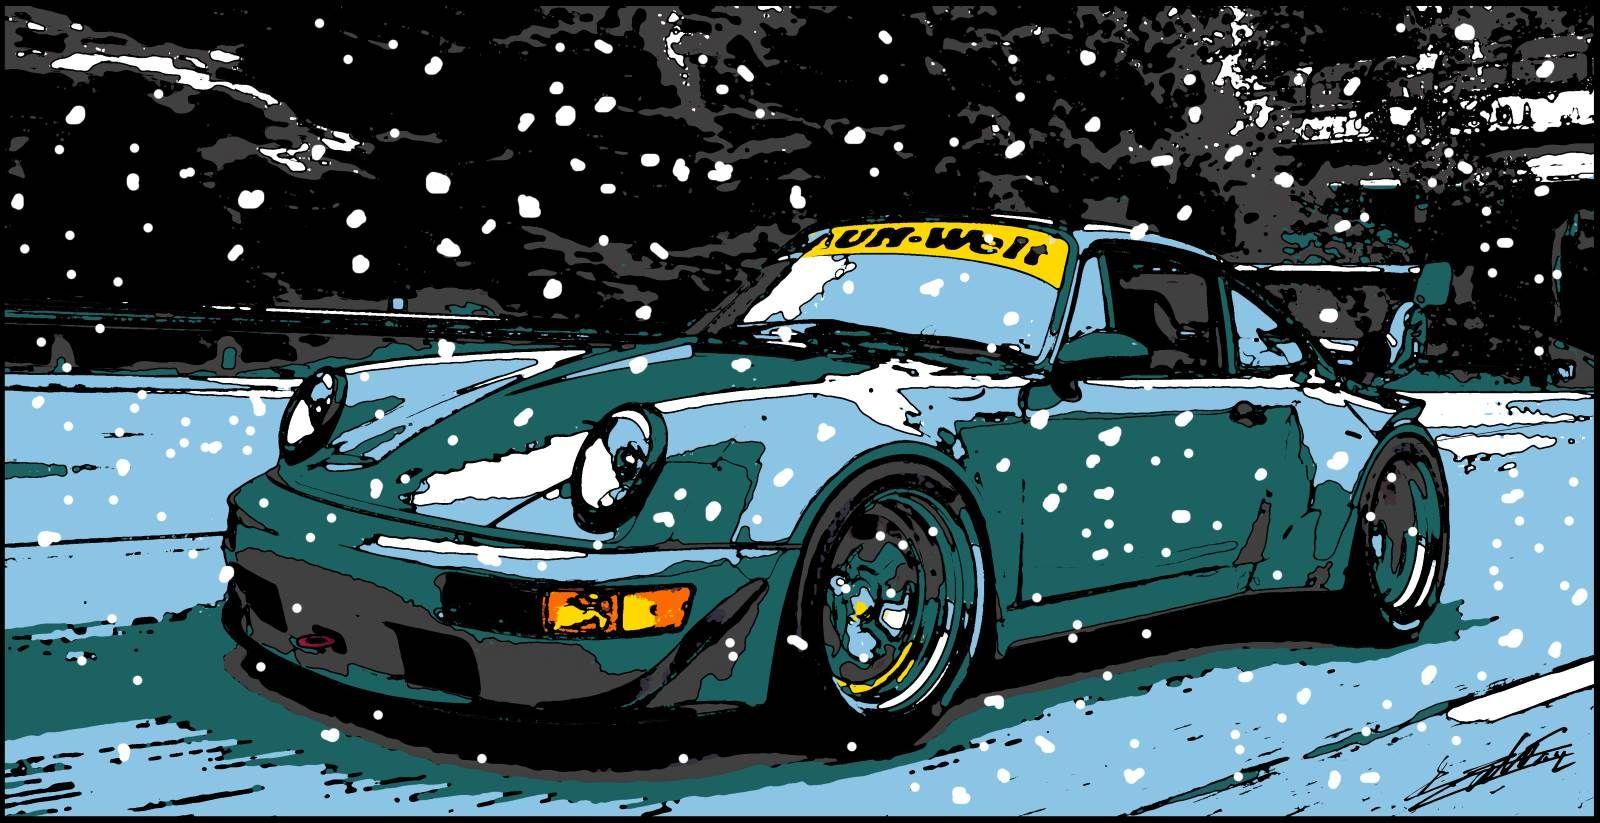 Porsche peinture acrylique pop art voiture